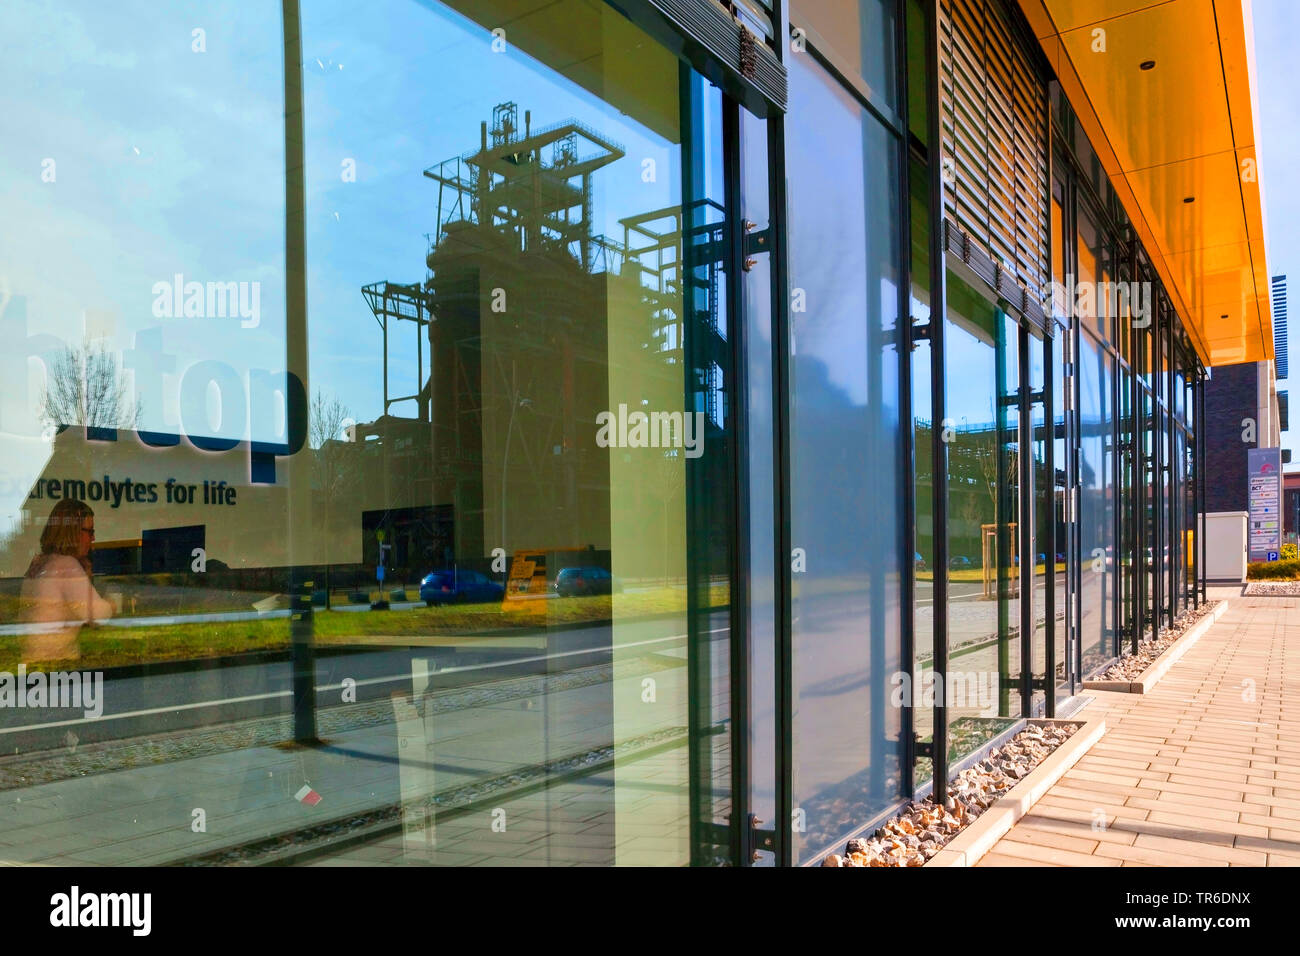 Industrieanlage Phoenix West spiegelt sich in den Glasscheiben der Firma bitop, Deutschland, Nordrhein-Westfalen, Ruhrgebiet, Dortmund | industrial pl Imagen De Stock